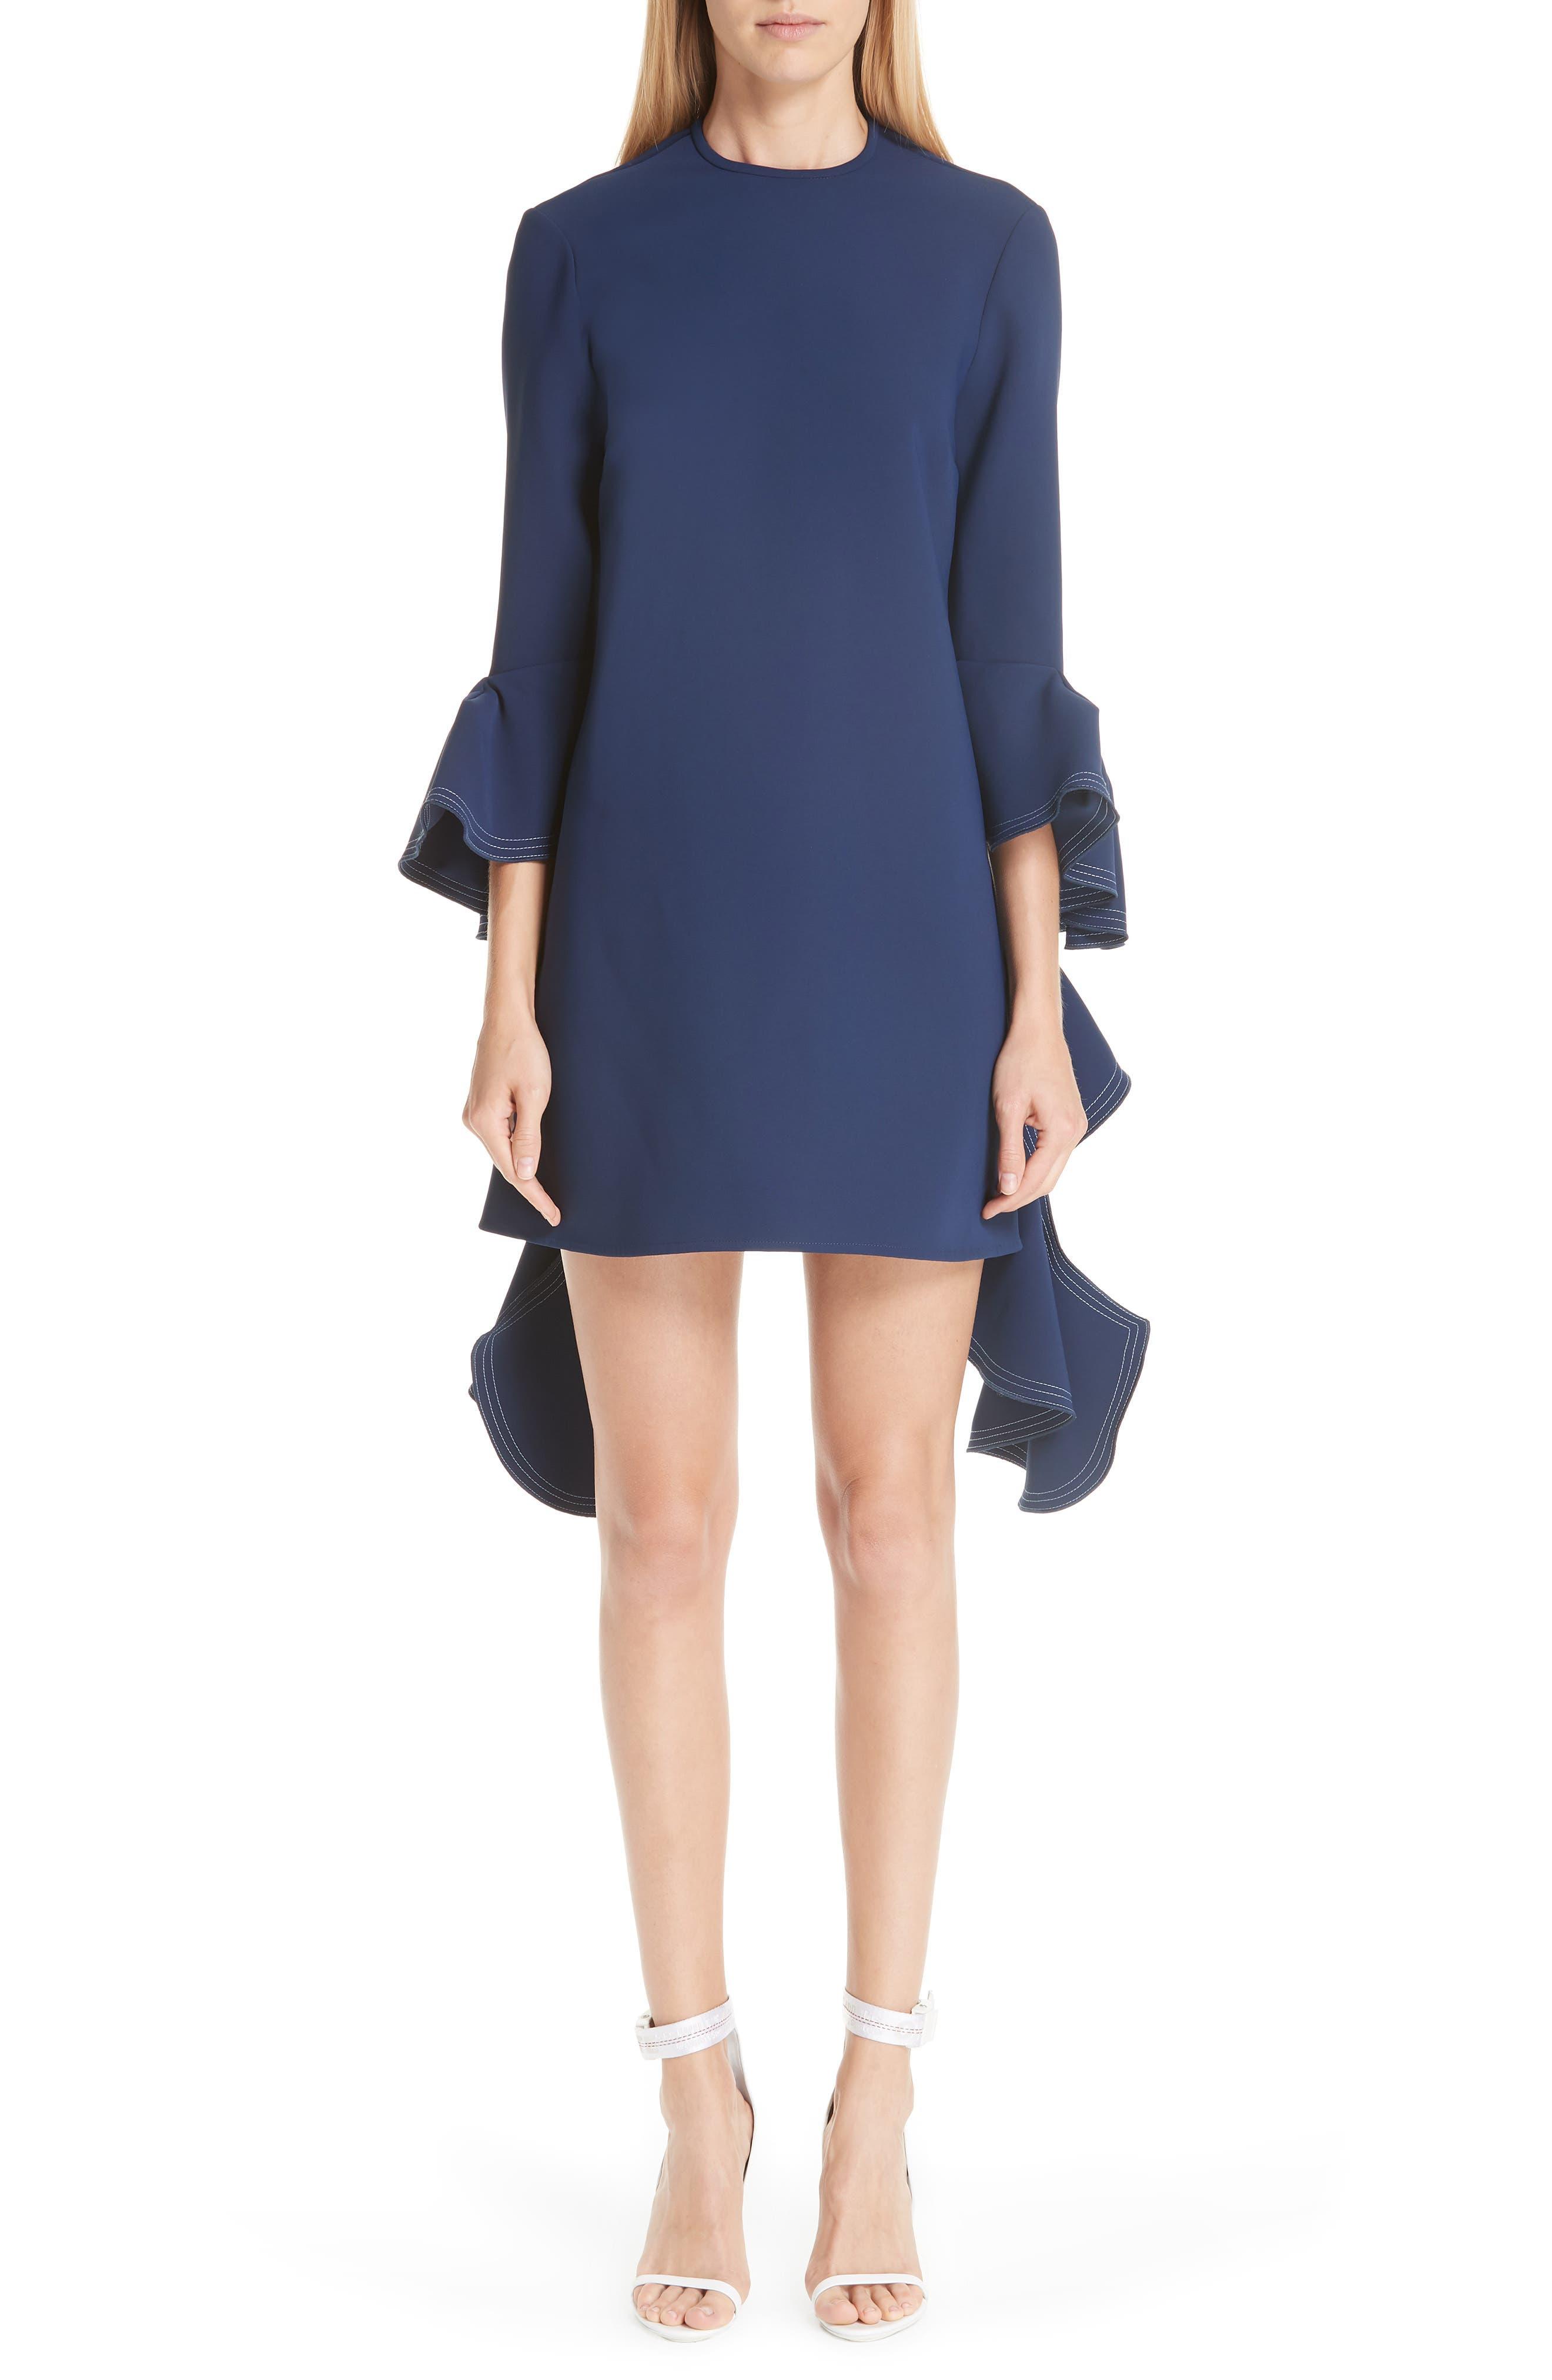 Kilkenny Frill Sleeve Minidress,                             Main thumbnail 1, color,                             400